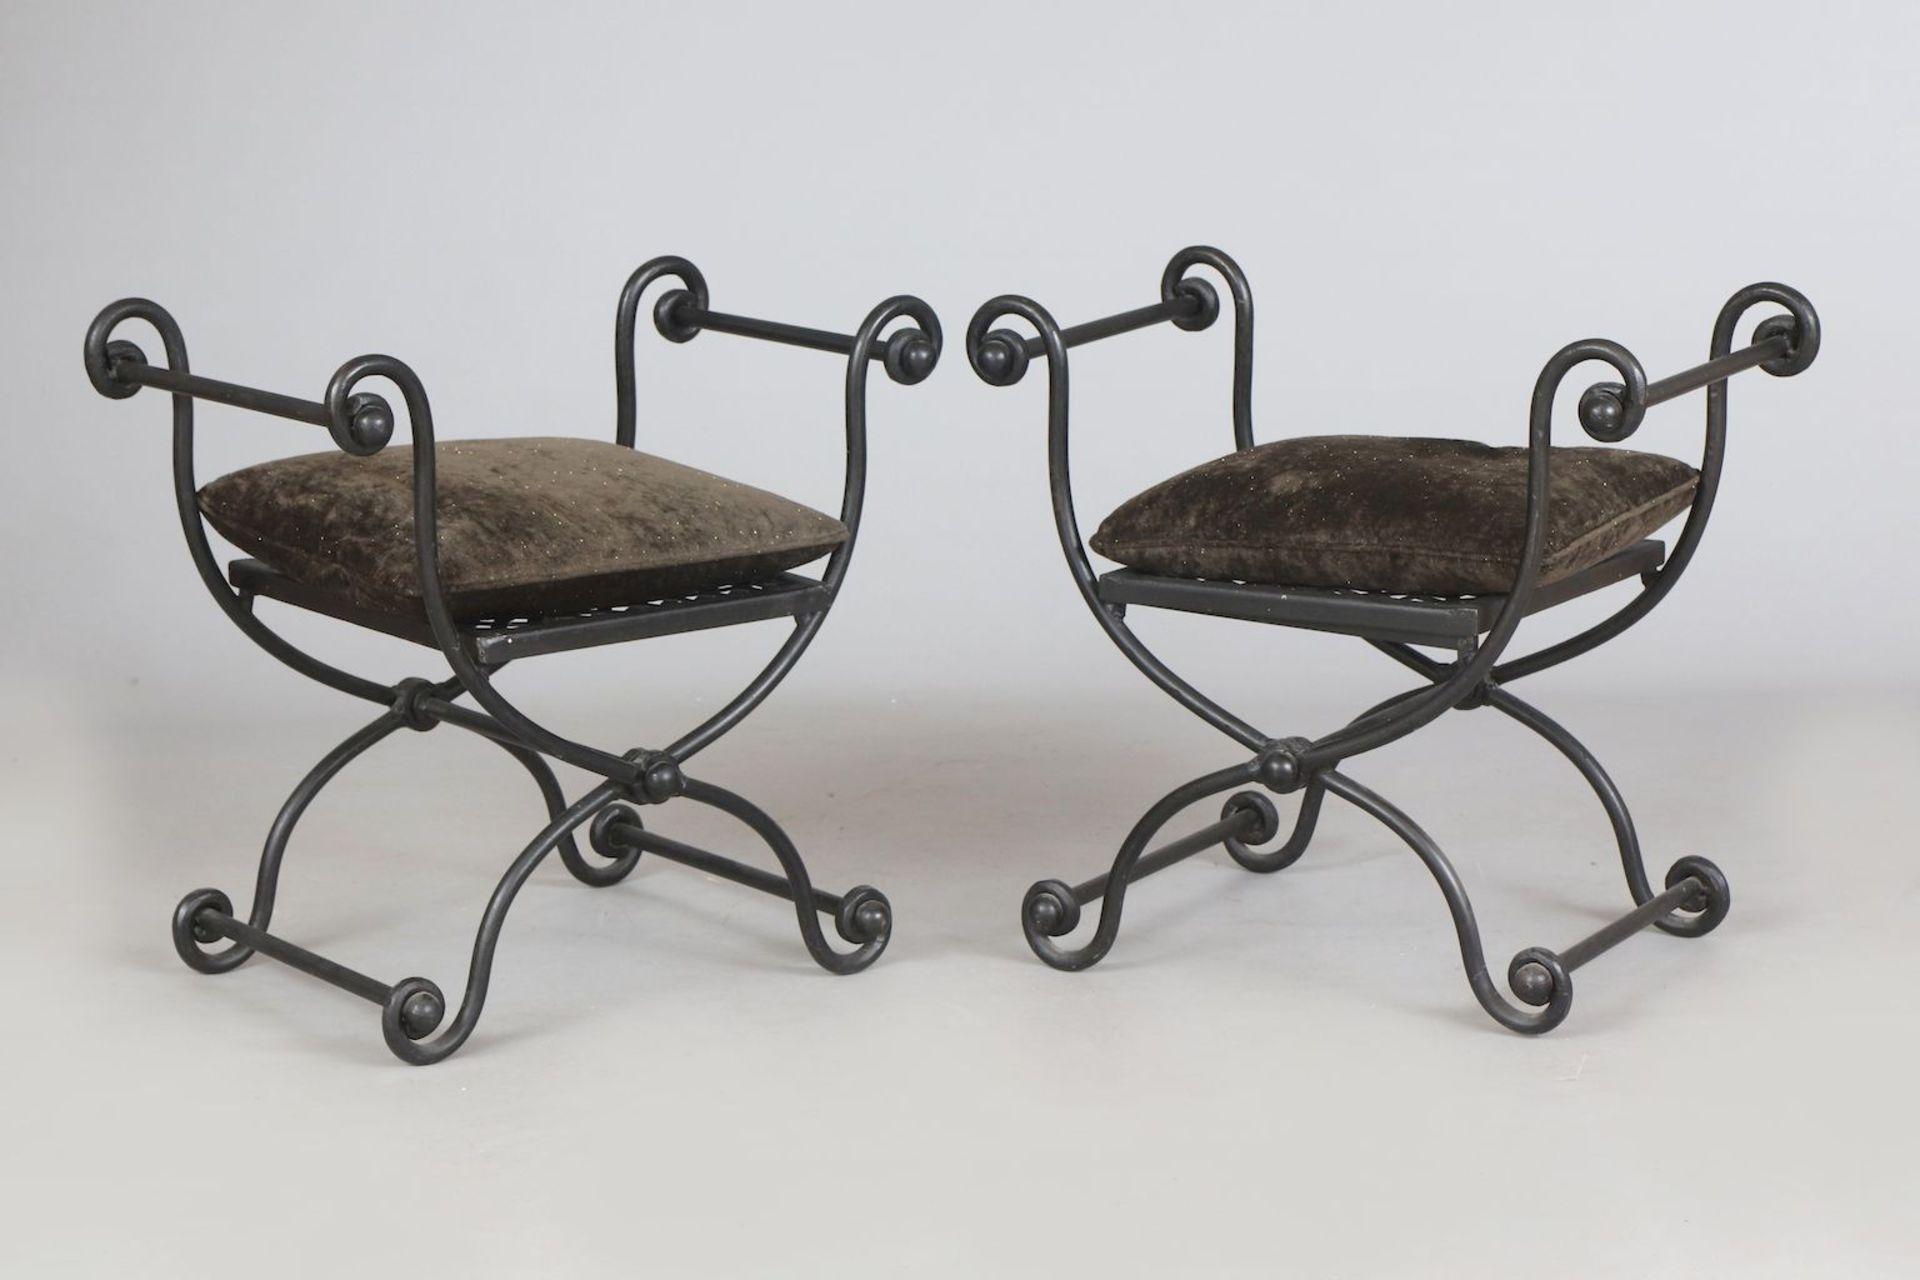 Paar Eisen-Gondeln/Hocker auf Scherenstand